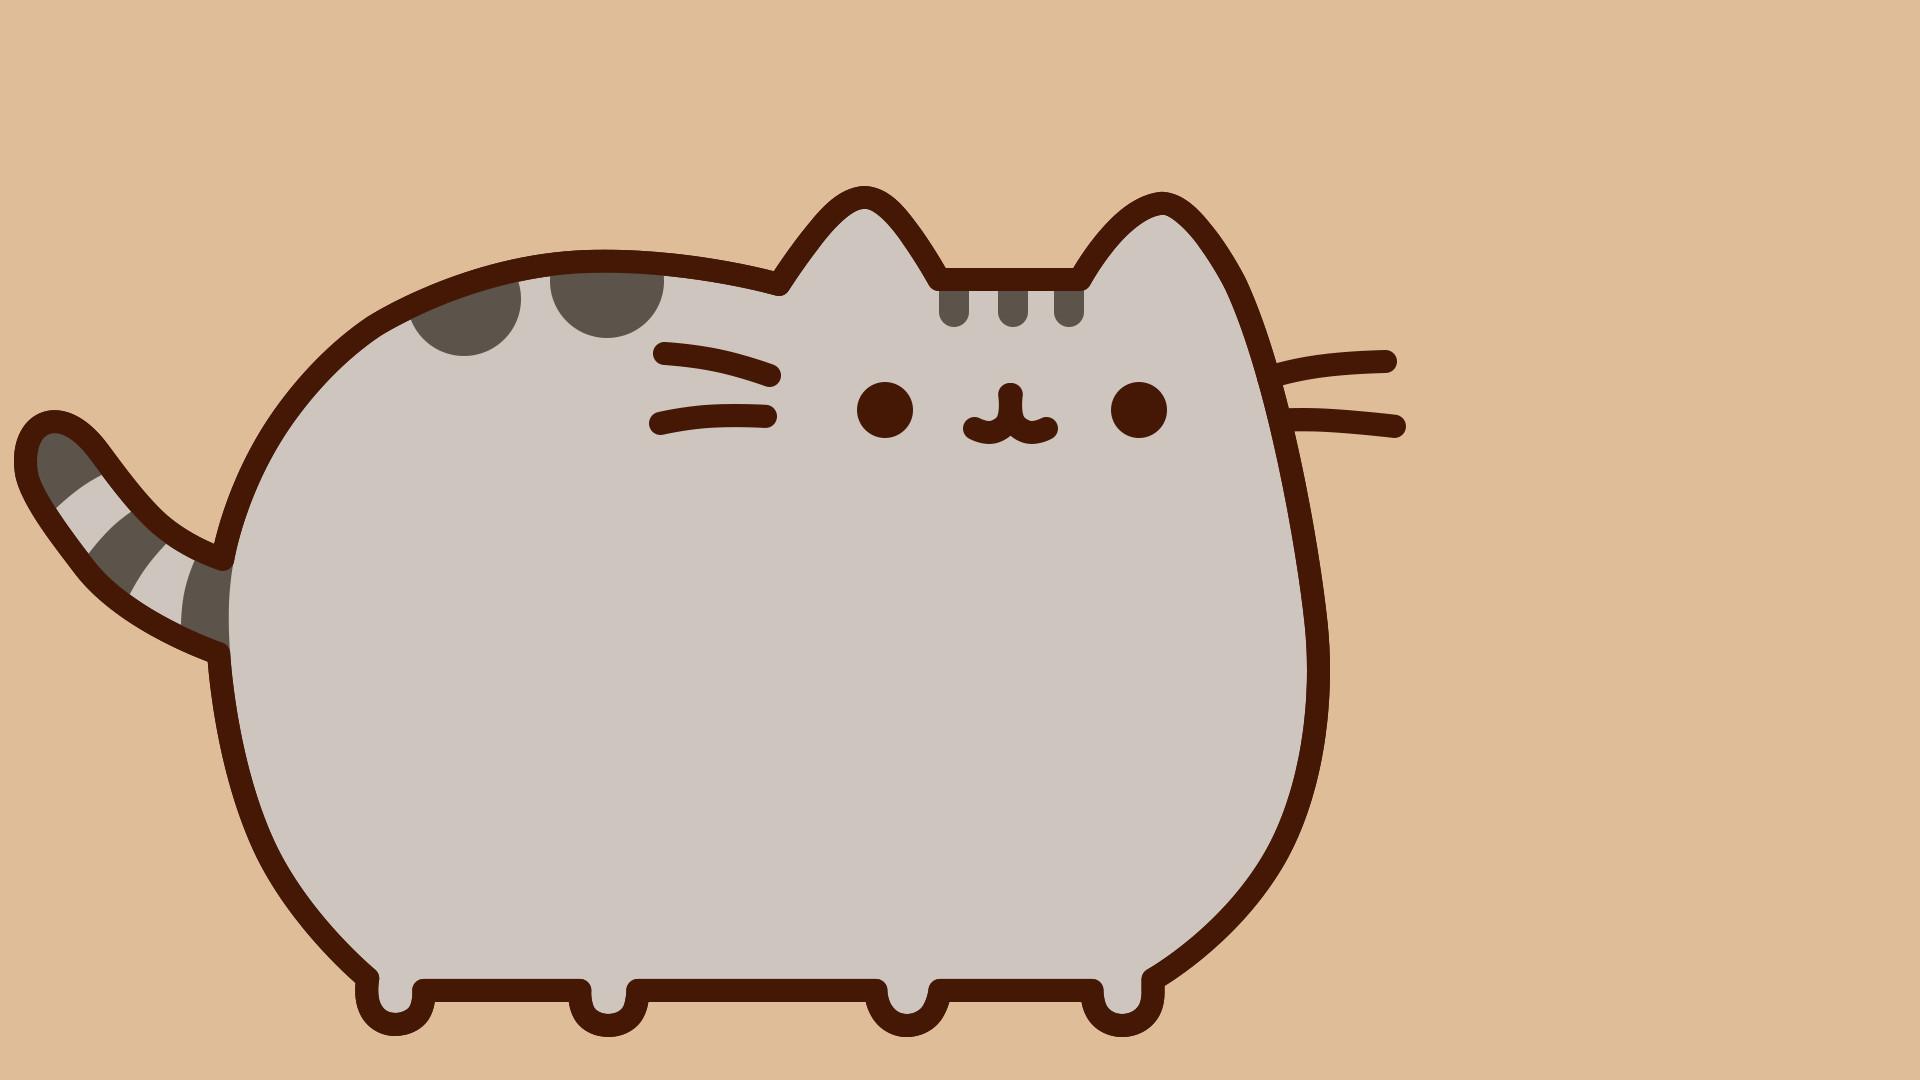 Pusheen The Cat Fondo De Pantalla Hd Fondo De Escritorio